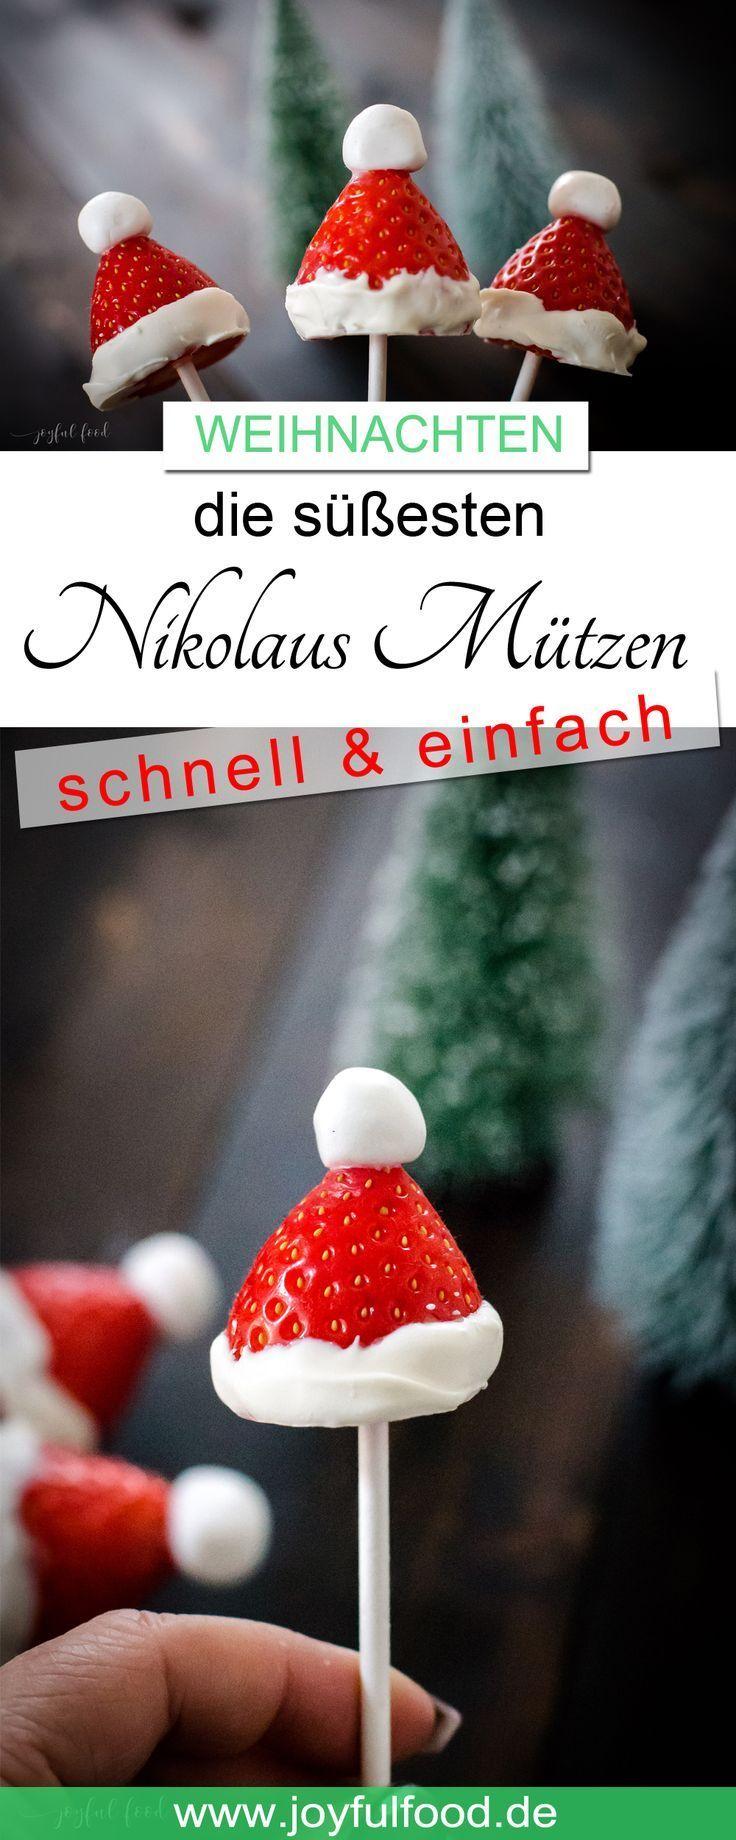 Süße Nikolaus Mützen - eine beerige Überraschung | Joyful Food #festmad